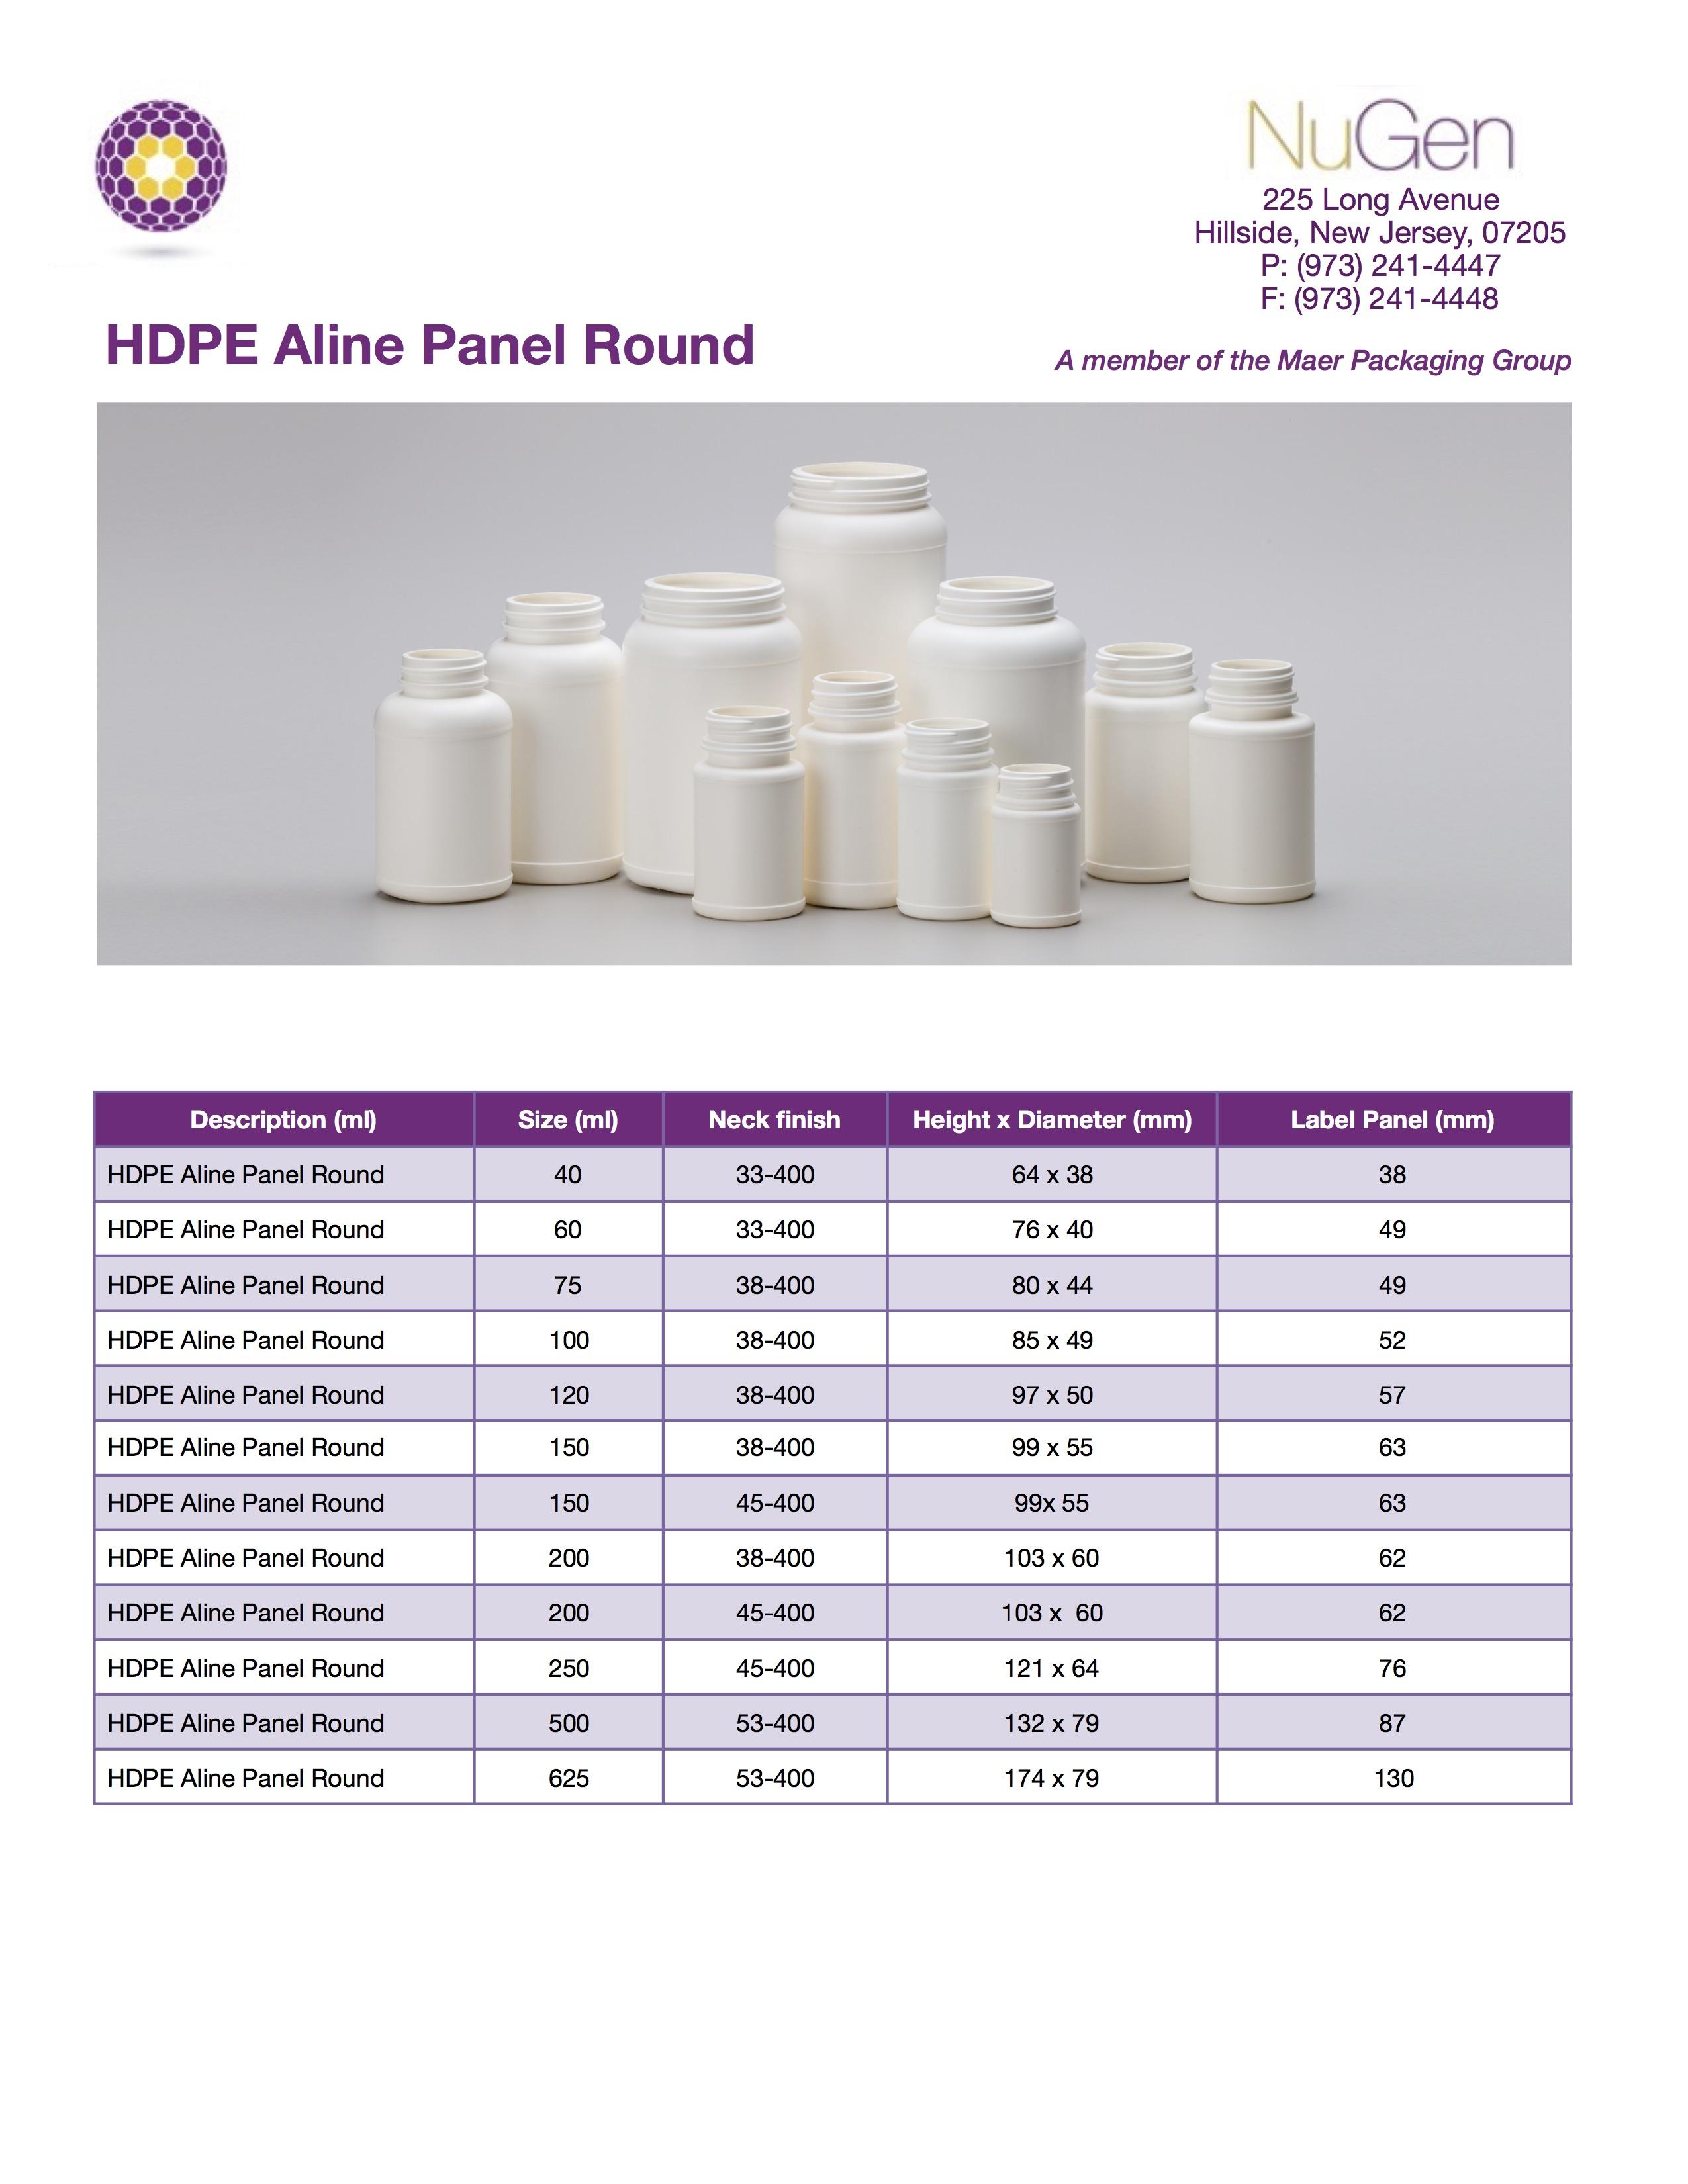 HDPEAlinePanelRound-Cap5-4-2016